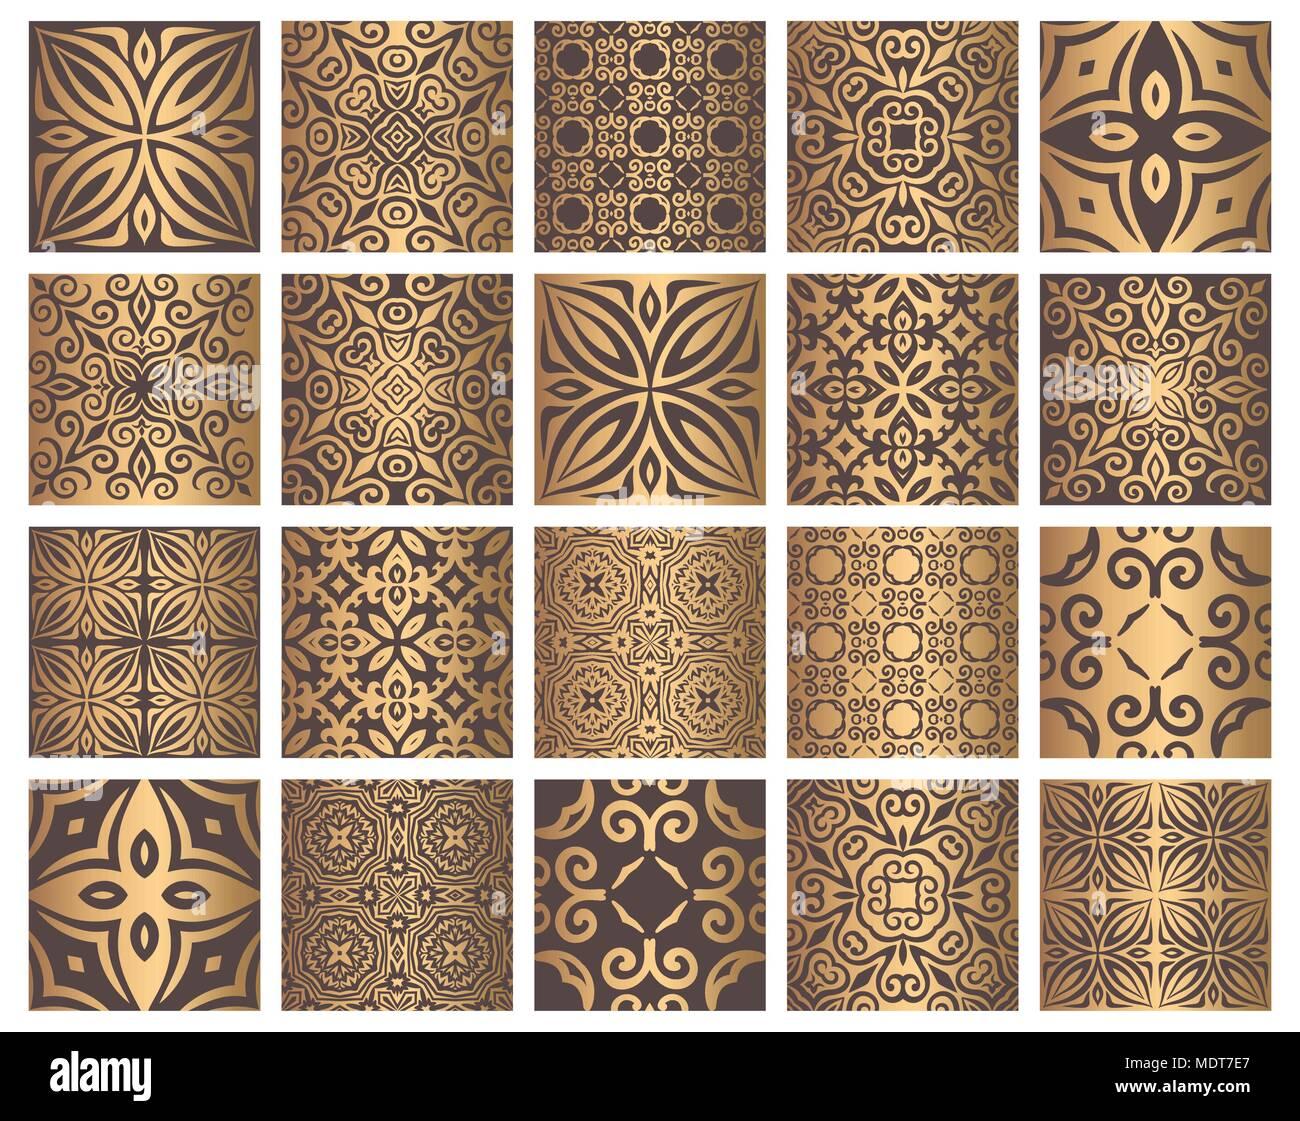 Vektor Fliesen Muster. Nahtlose Hintergründe mit goldenen Elemente ...